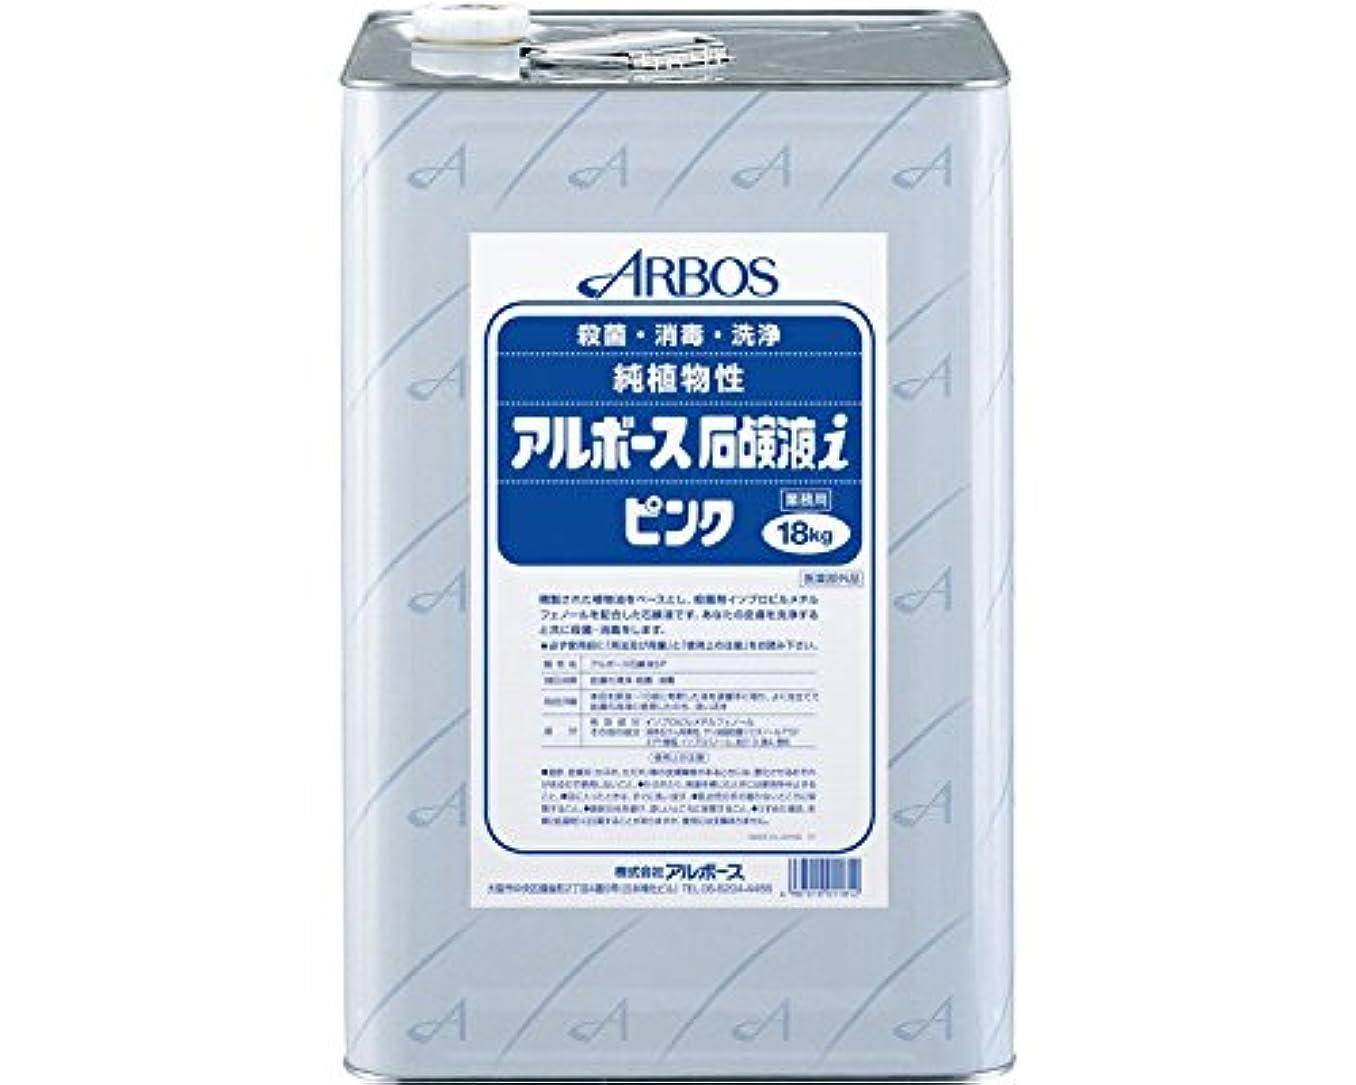 コカインスラム街マリナーアルボース石鹸液i ピンク 18kg (アルボース)